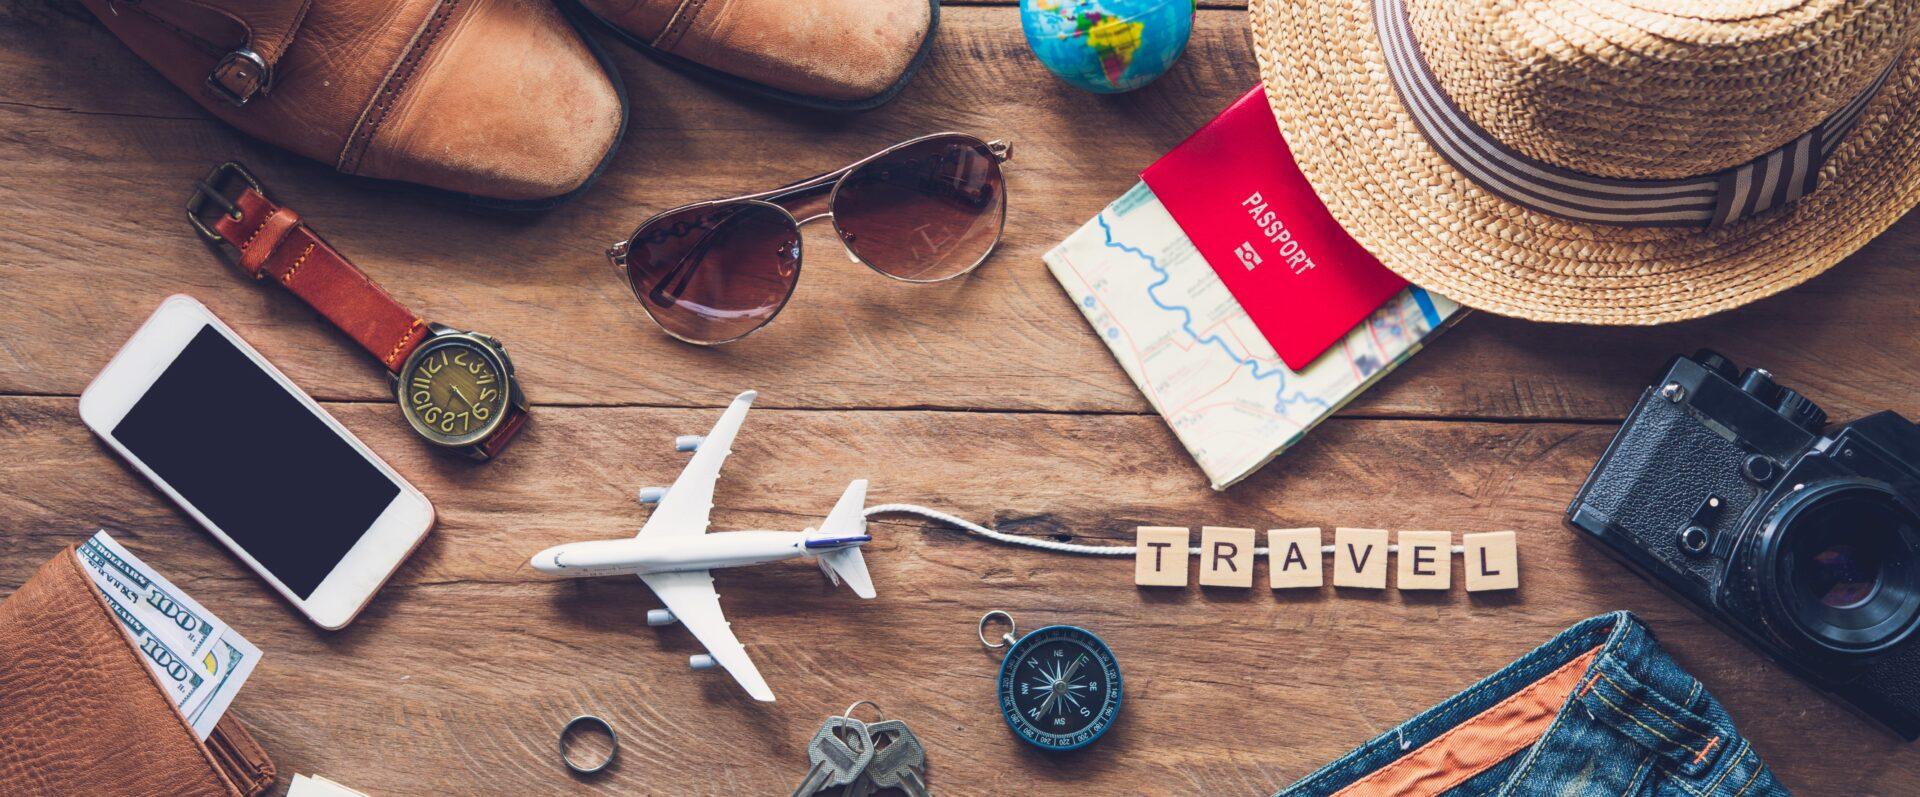 Travel - Learning Journeys